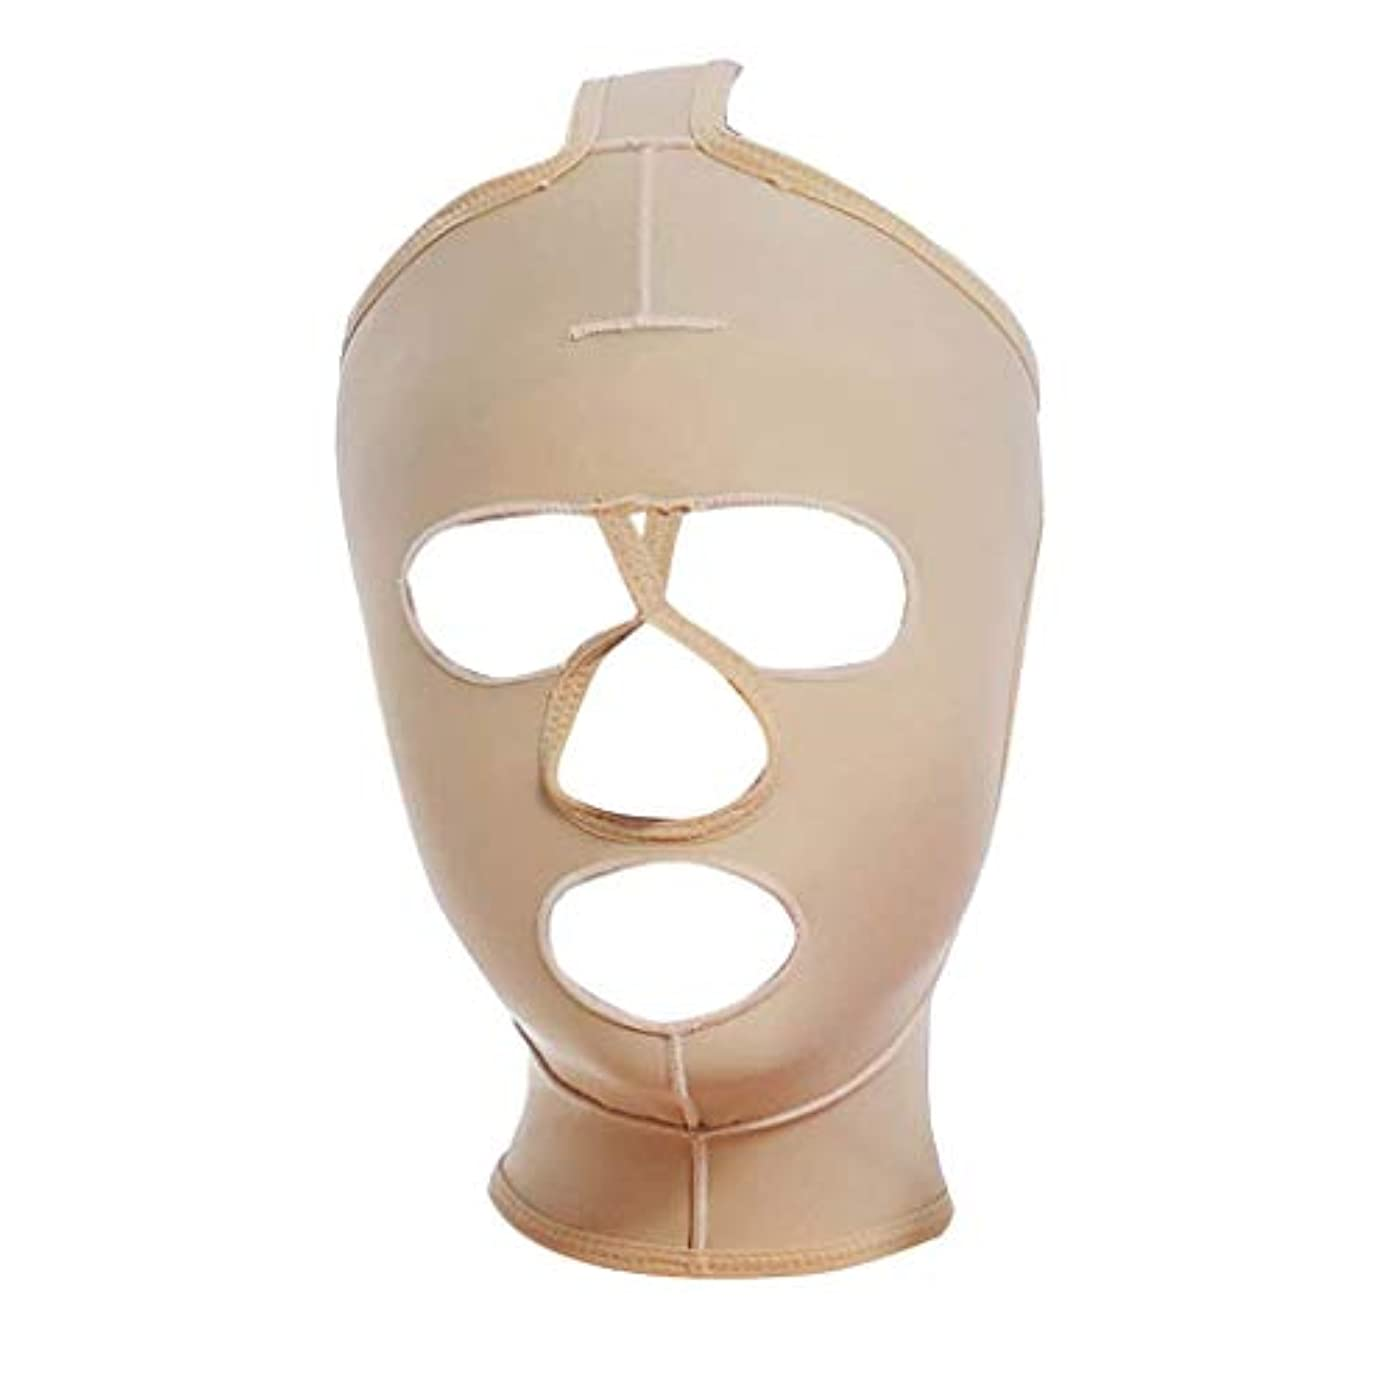 迷彩流行犠牲フェイス&ネックリフト、減量フェイスマスク脂肪吸引術脂肪吸引術整形マスクフードフェイスリフティングアーティファクトVフェイスビームフェイス弾性スリーブ(サイズ:XXL),S